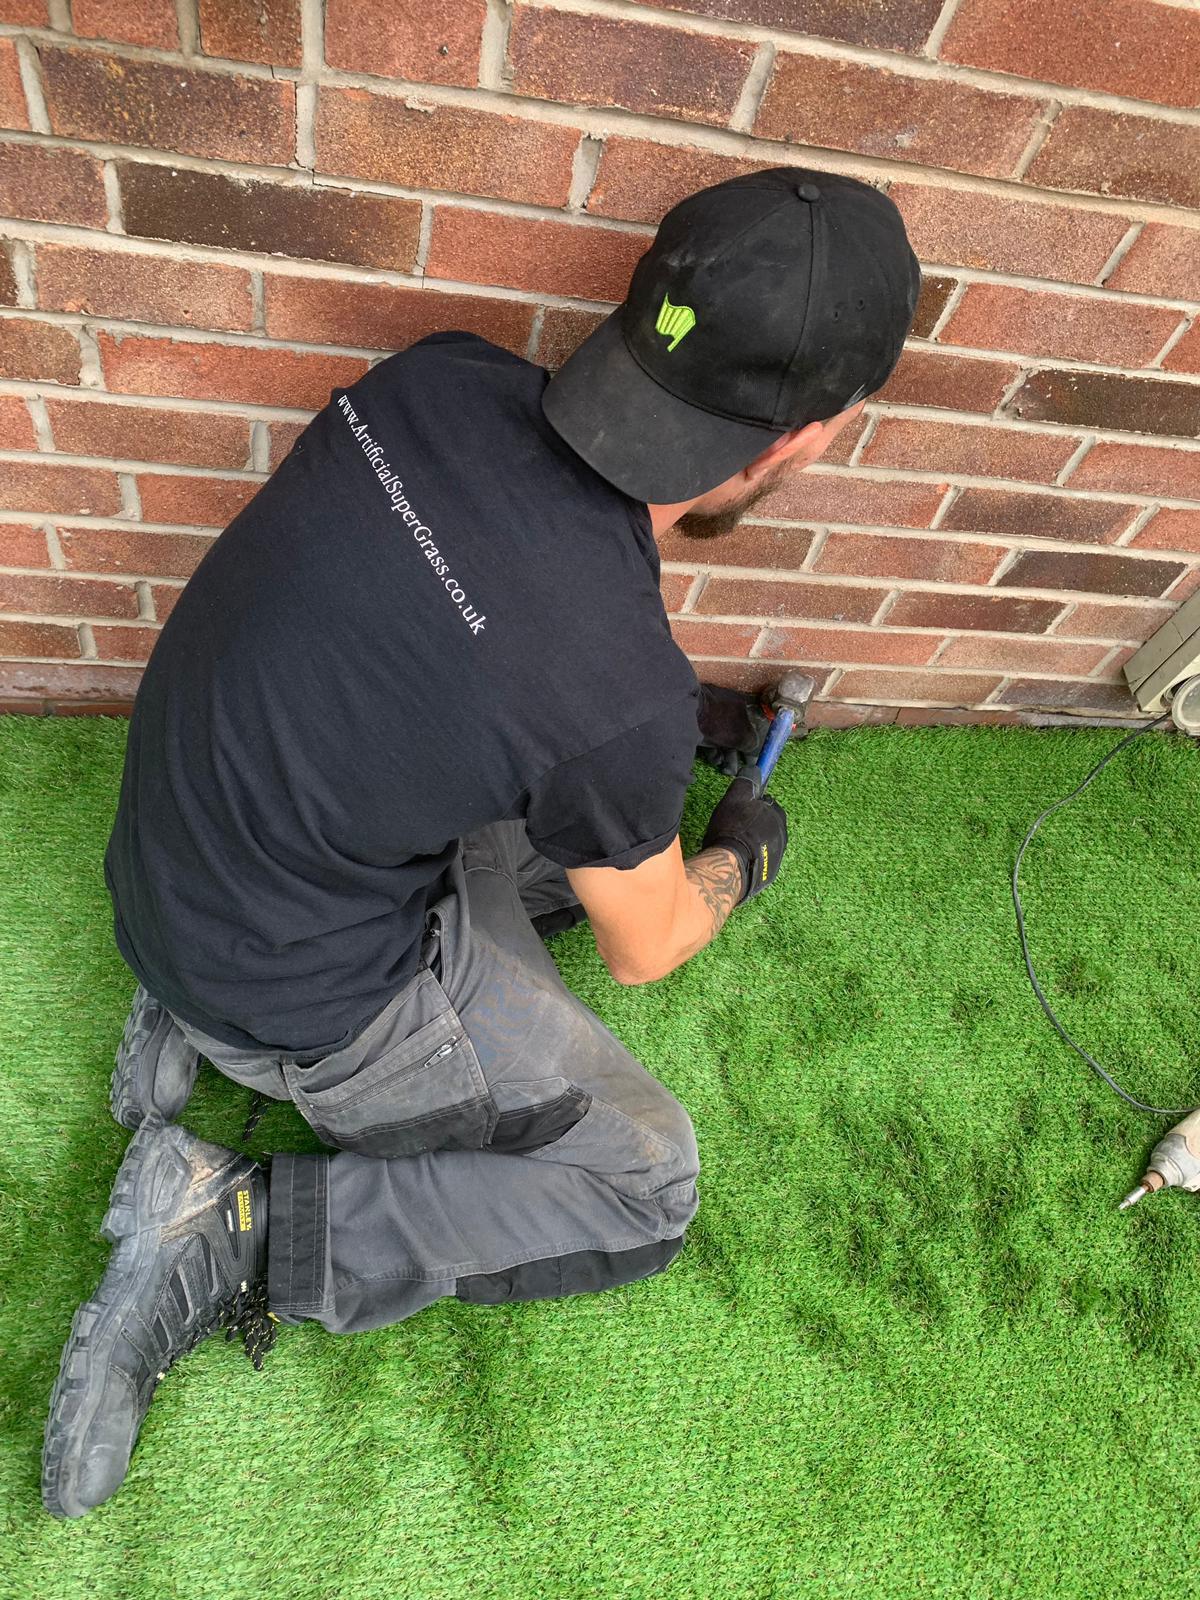 Cheap Artificial Grass Accrington Artificial Super Grass